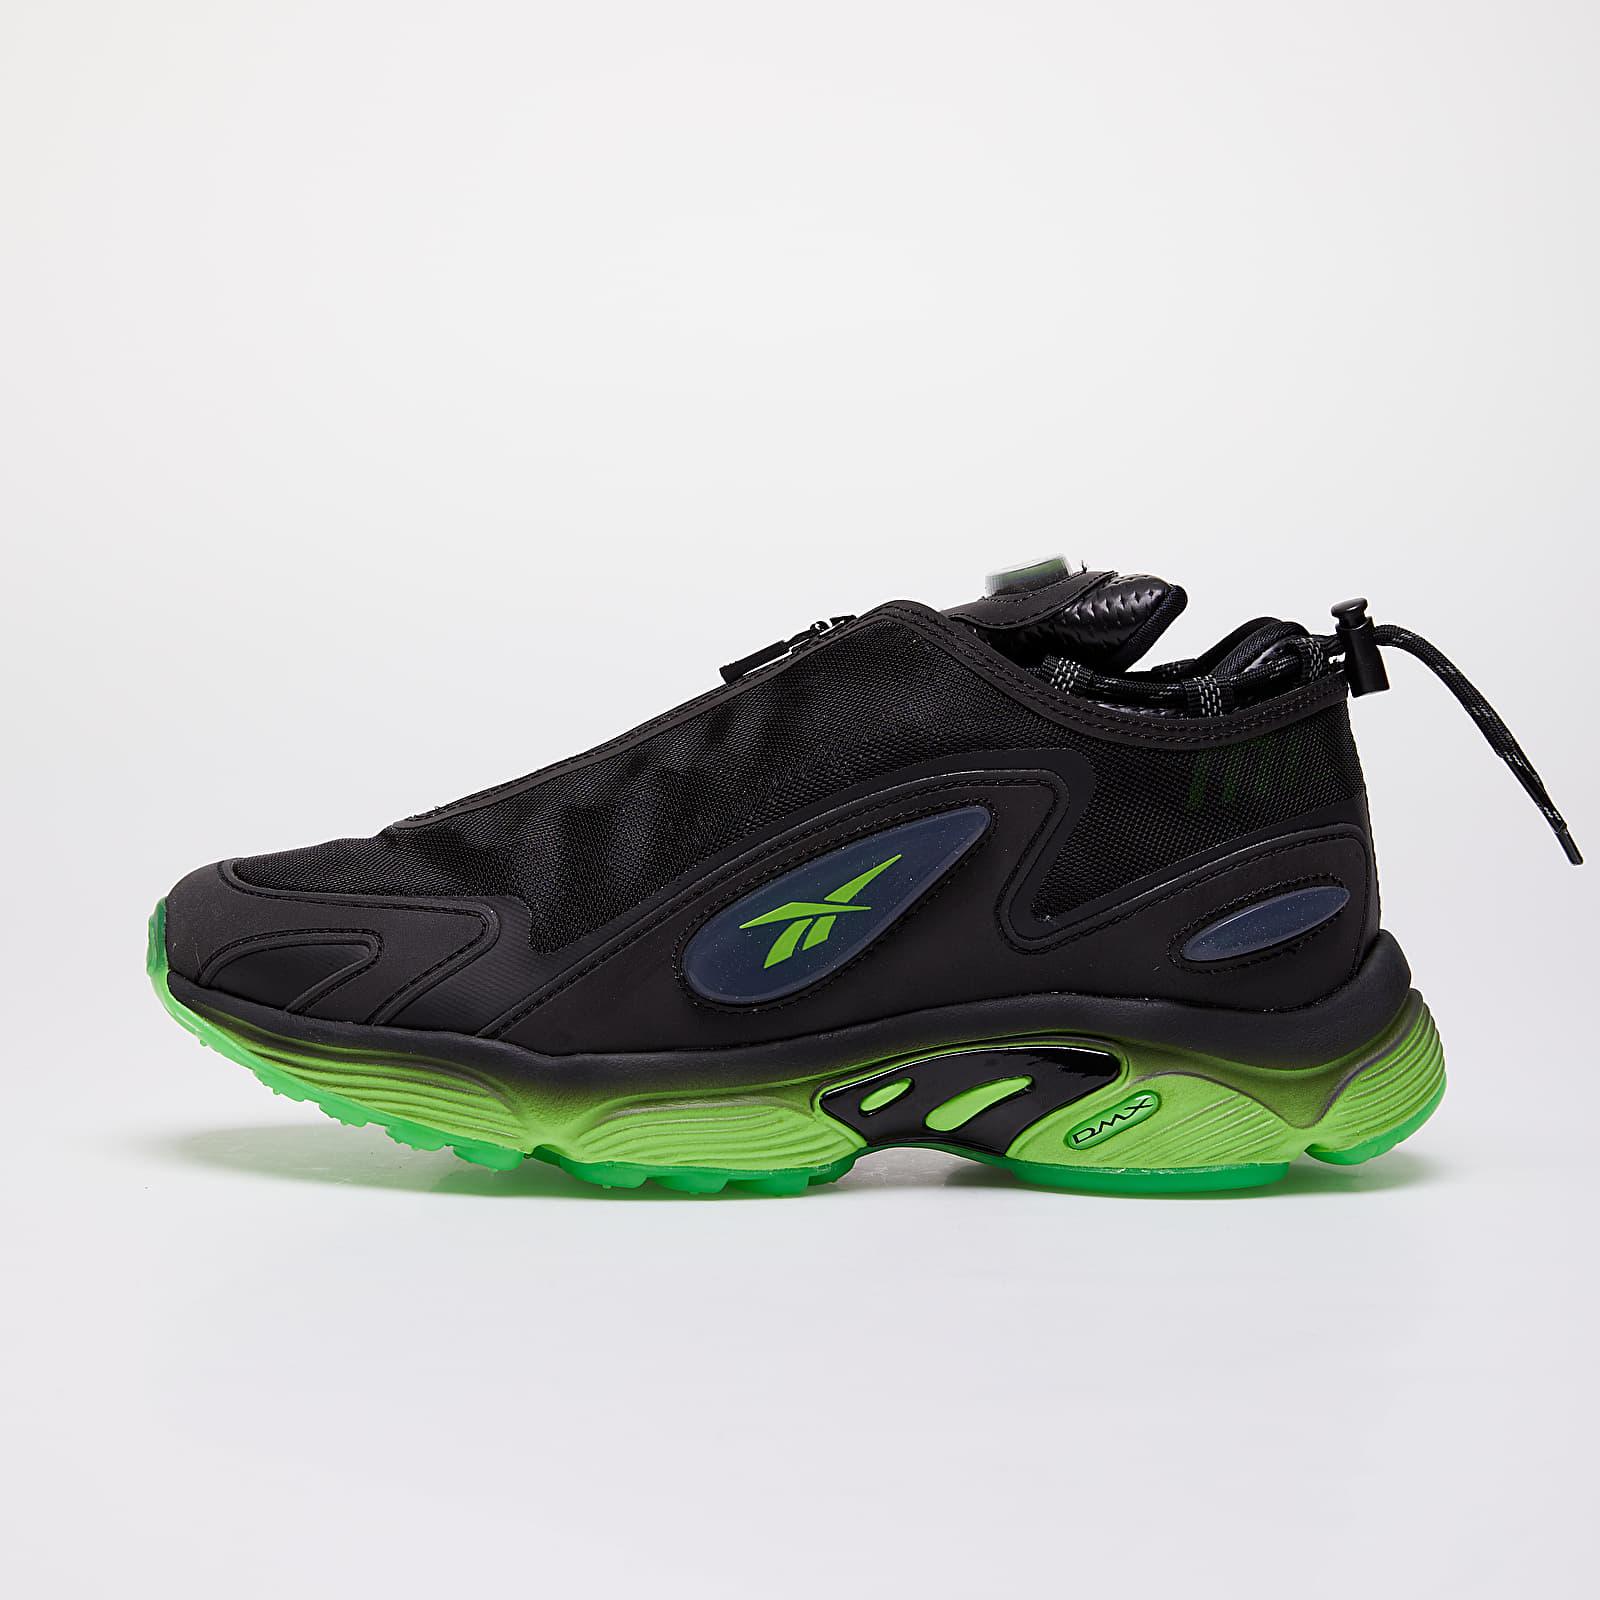 Férfi cipők Reebok x MISBHV Daytona DMX Black/ Black/ Solar Green